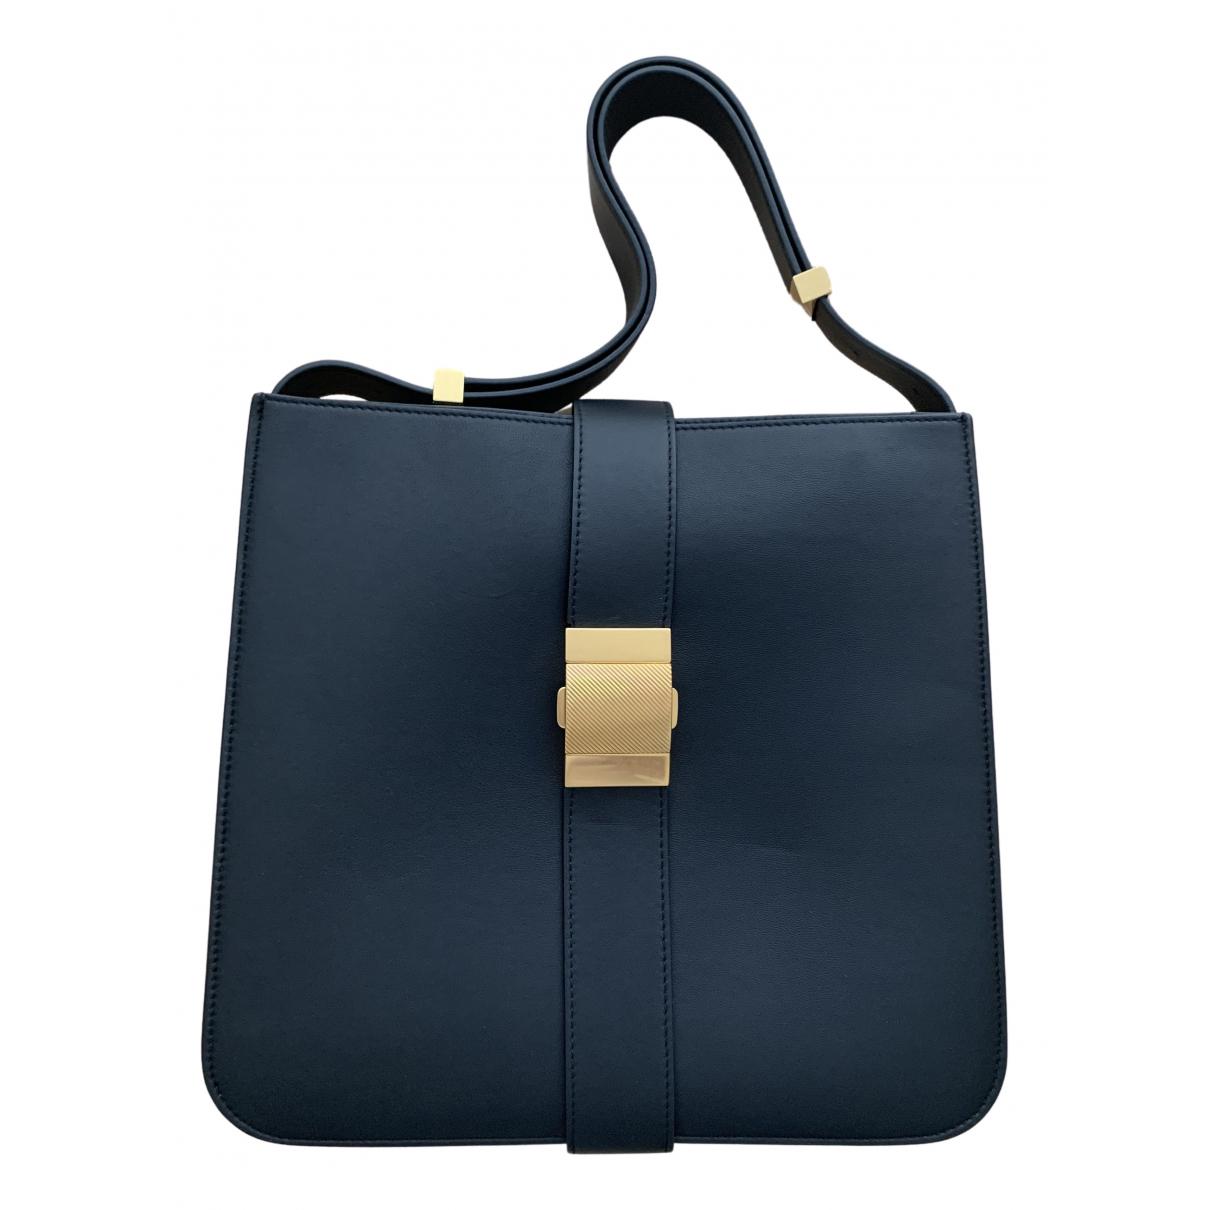 Bottega Veneta Marie Black Leather handbag for Women \N